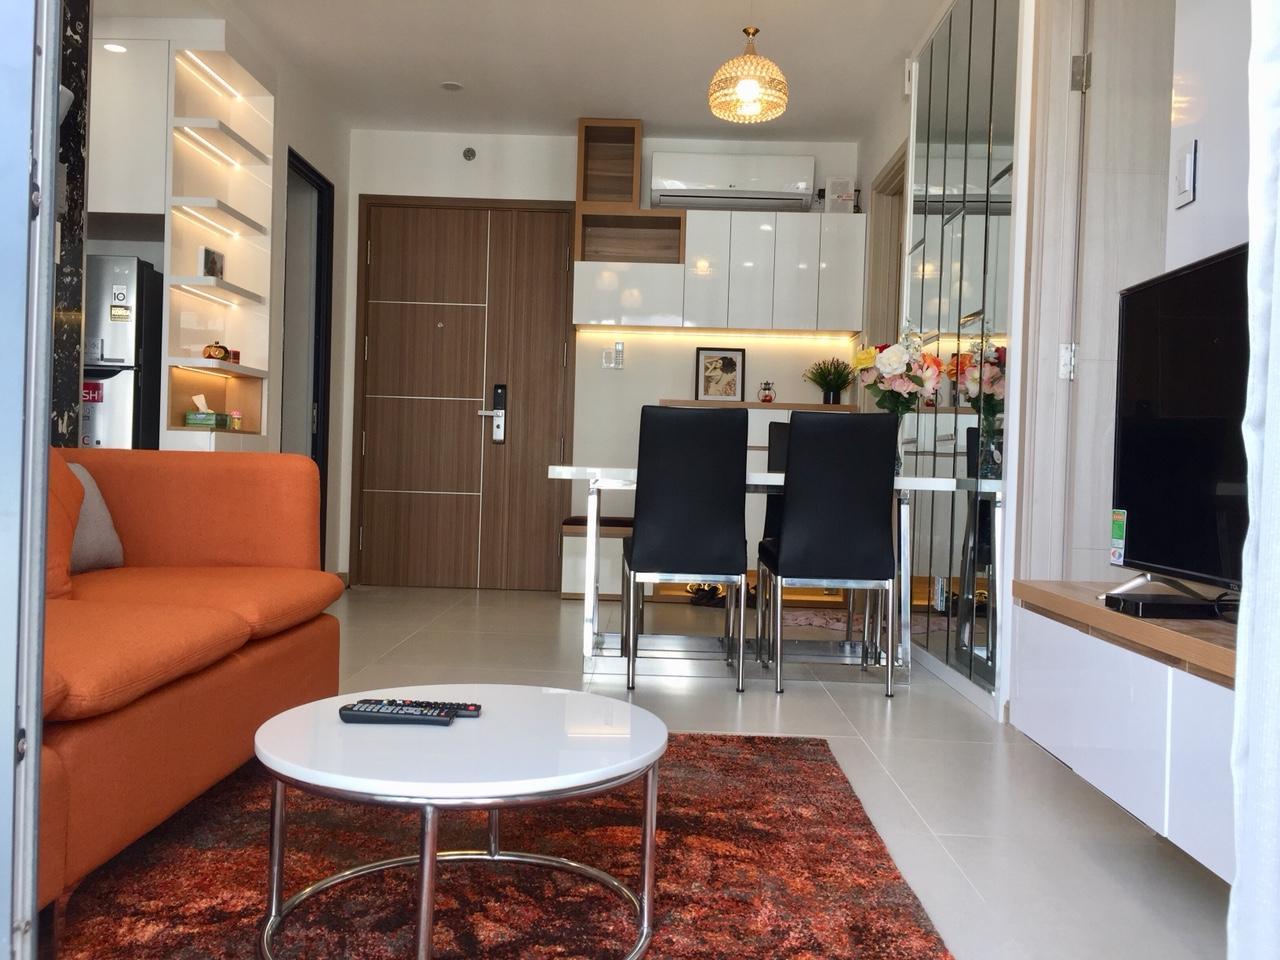 Cho thuê 2 phòng ngủ New City Thủ Thiêm - ID 010087